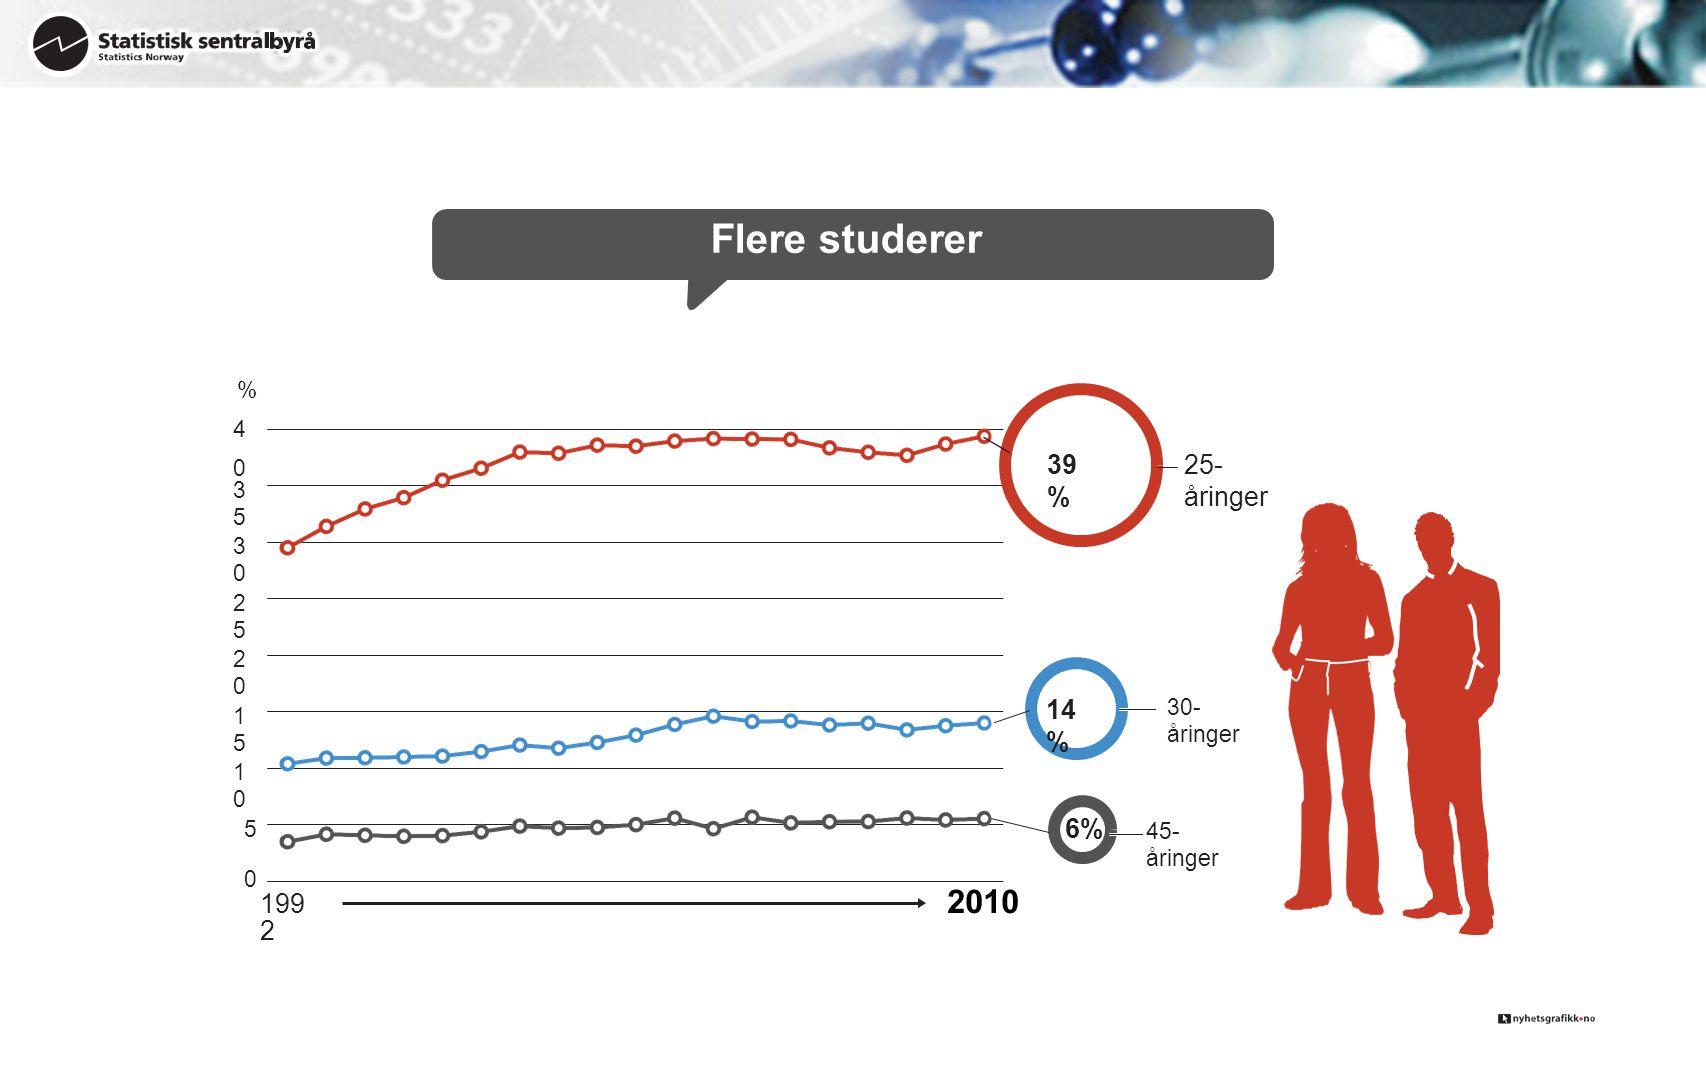 Hva gjør 25-åringer? I jobb Studente r Anne t 50%50% 37 %37 % 13 % % MEN N 2010 199 2